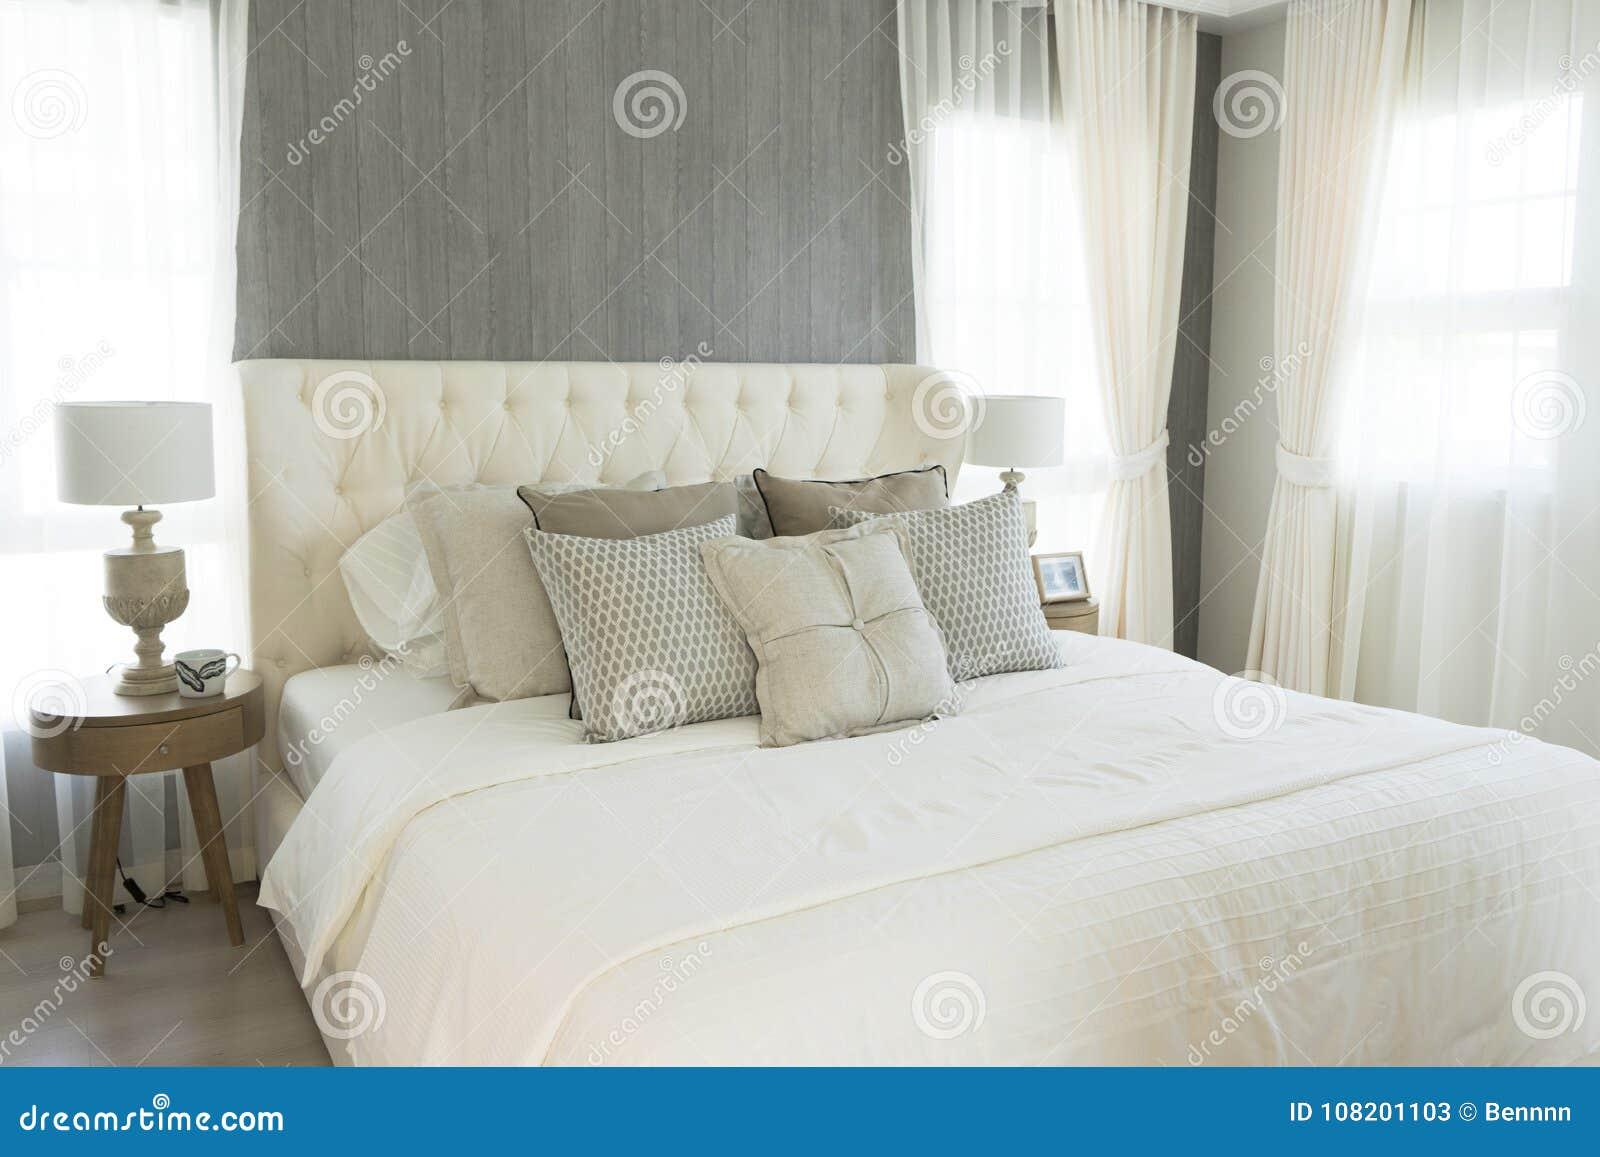 Cuscini bianchi che mettono sulla camera da letto stile country